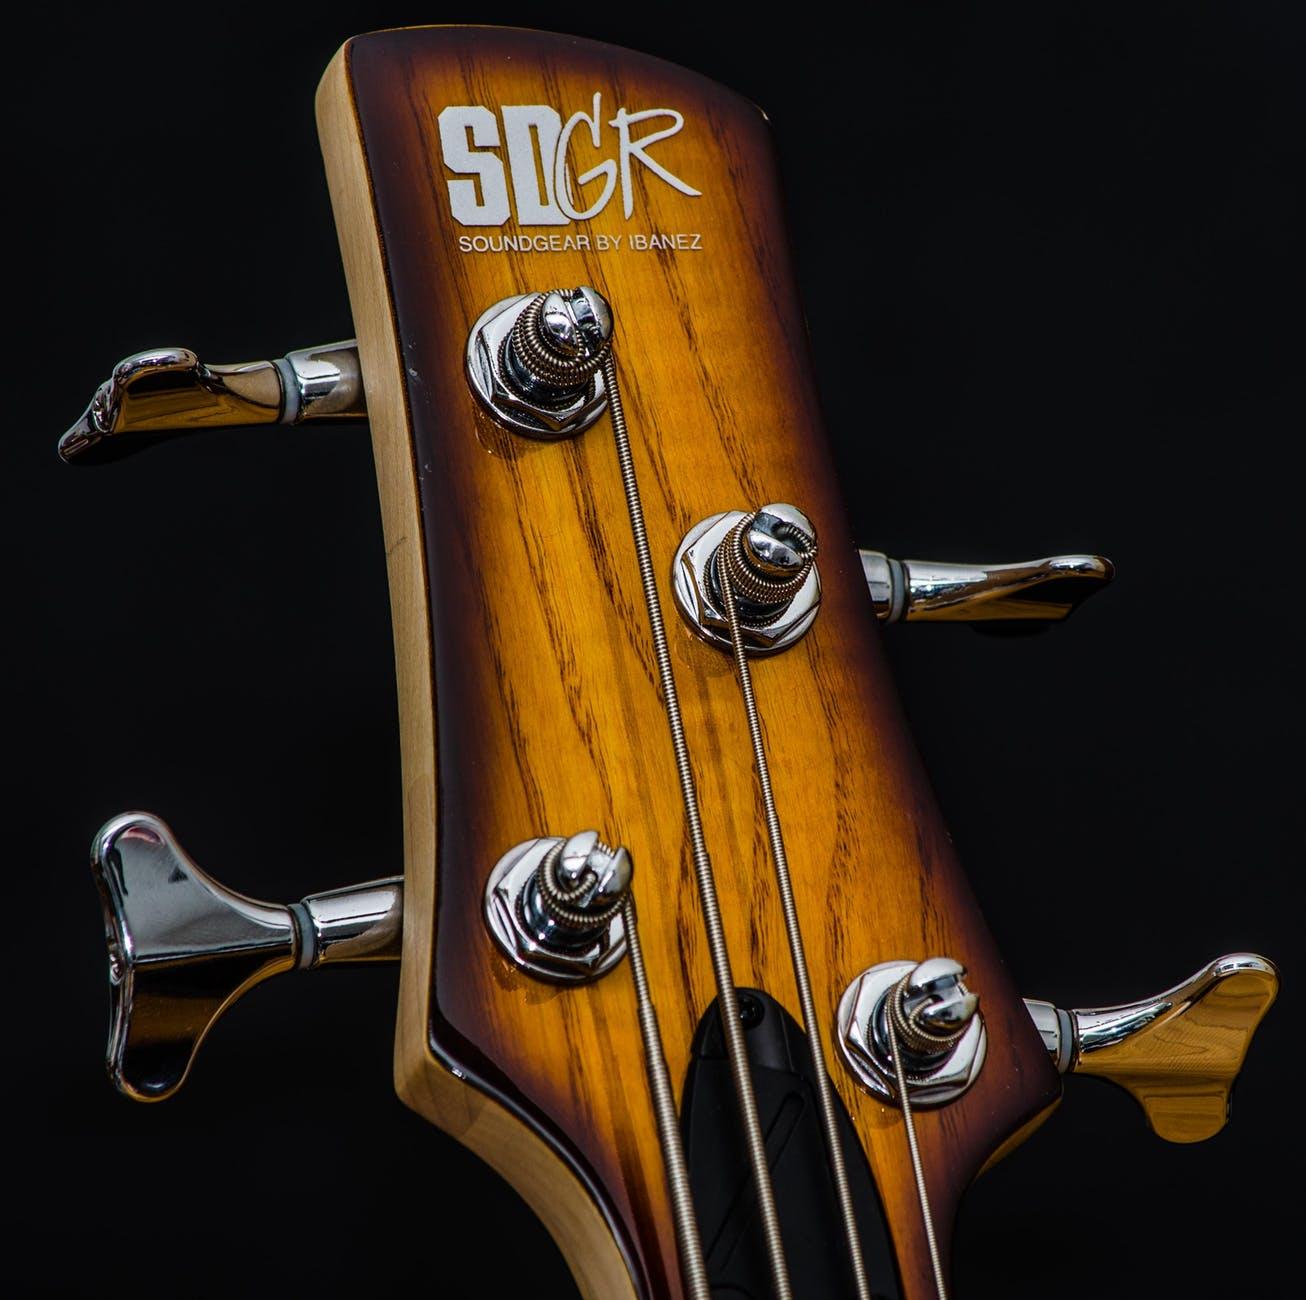 bass-guitar-bass-ibanez-srx530-bbt.jpg